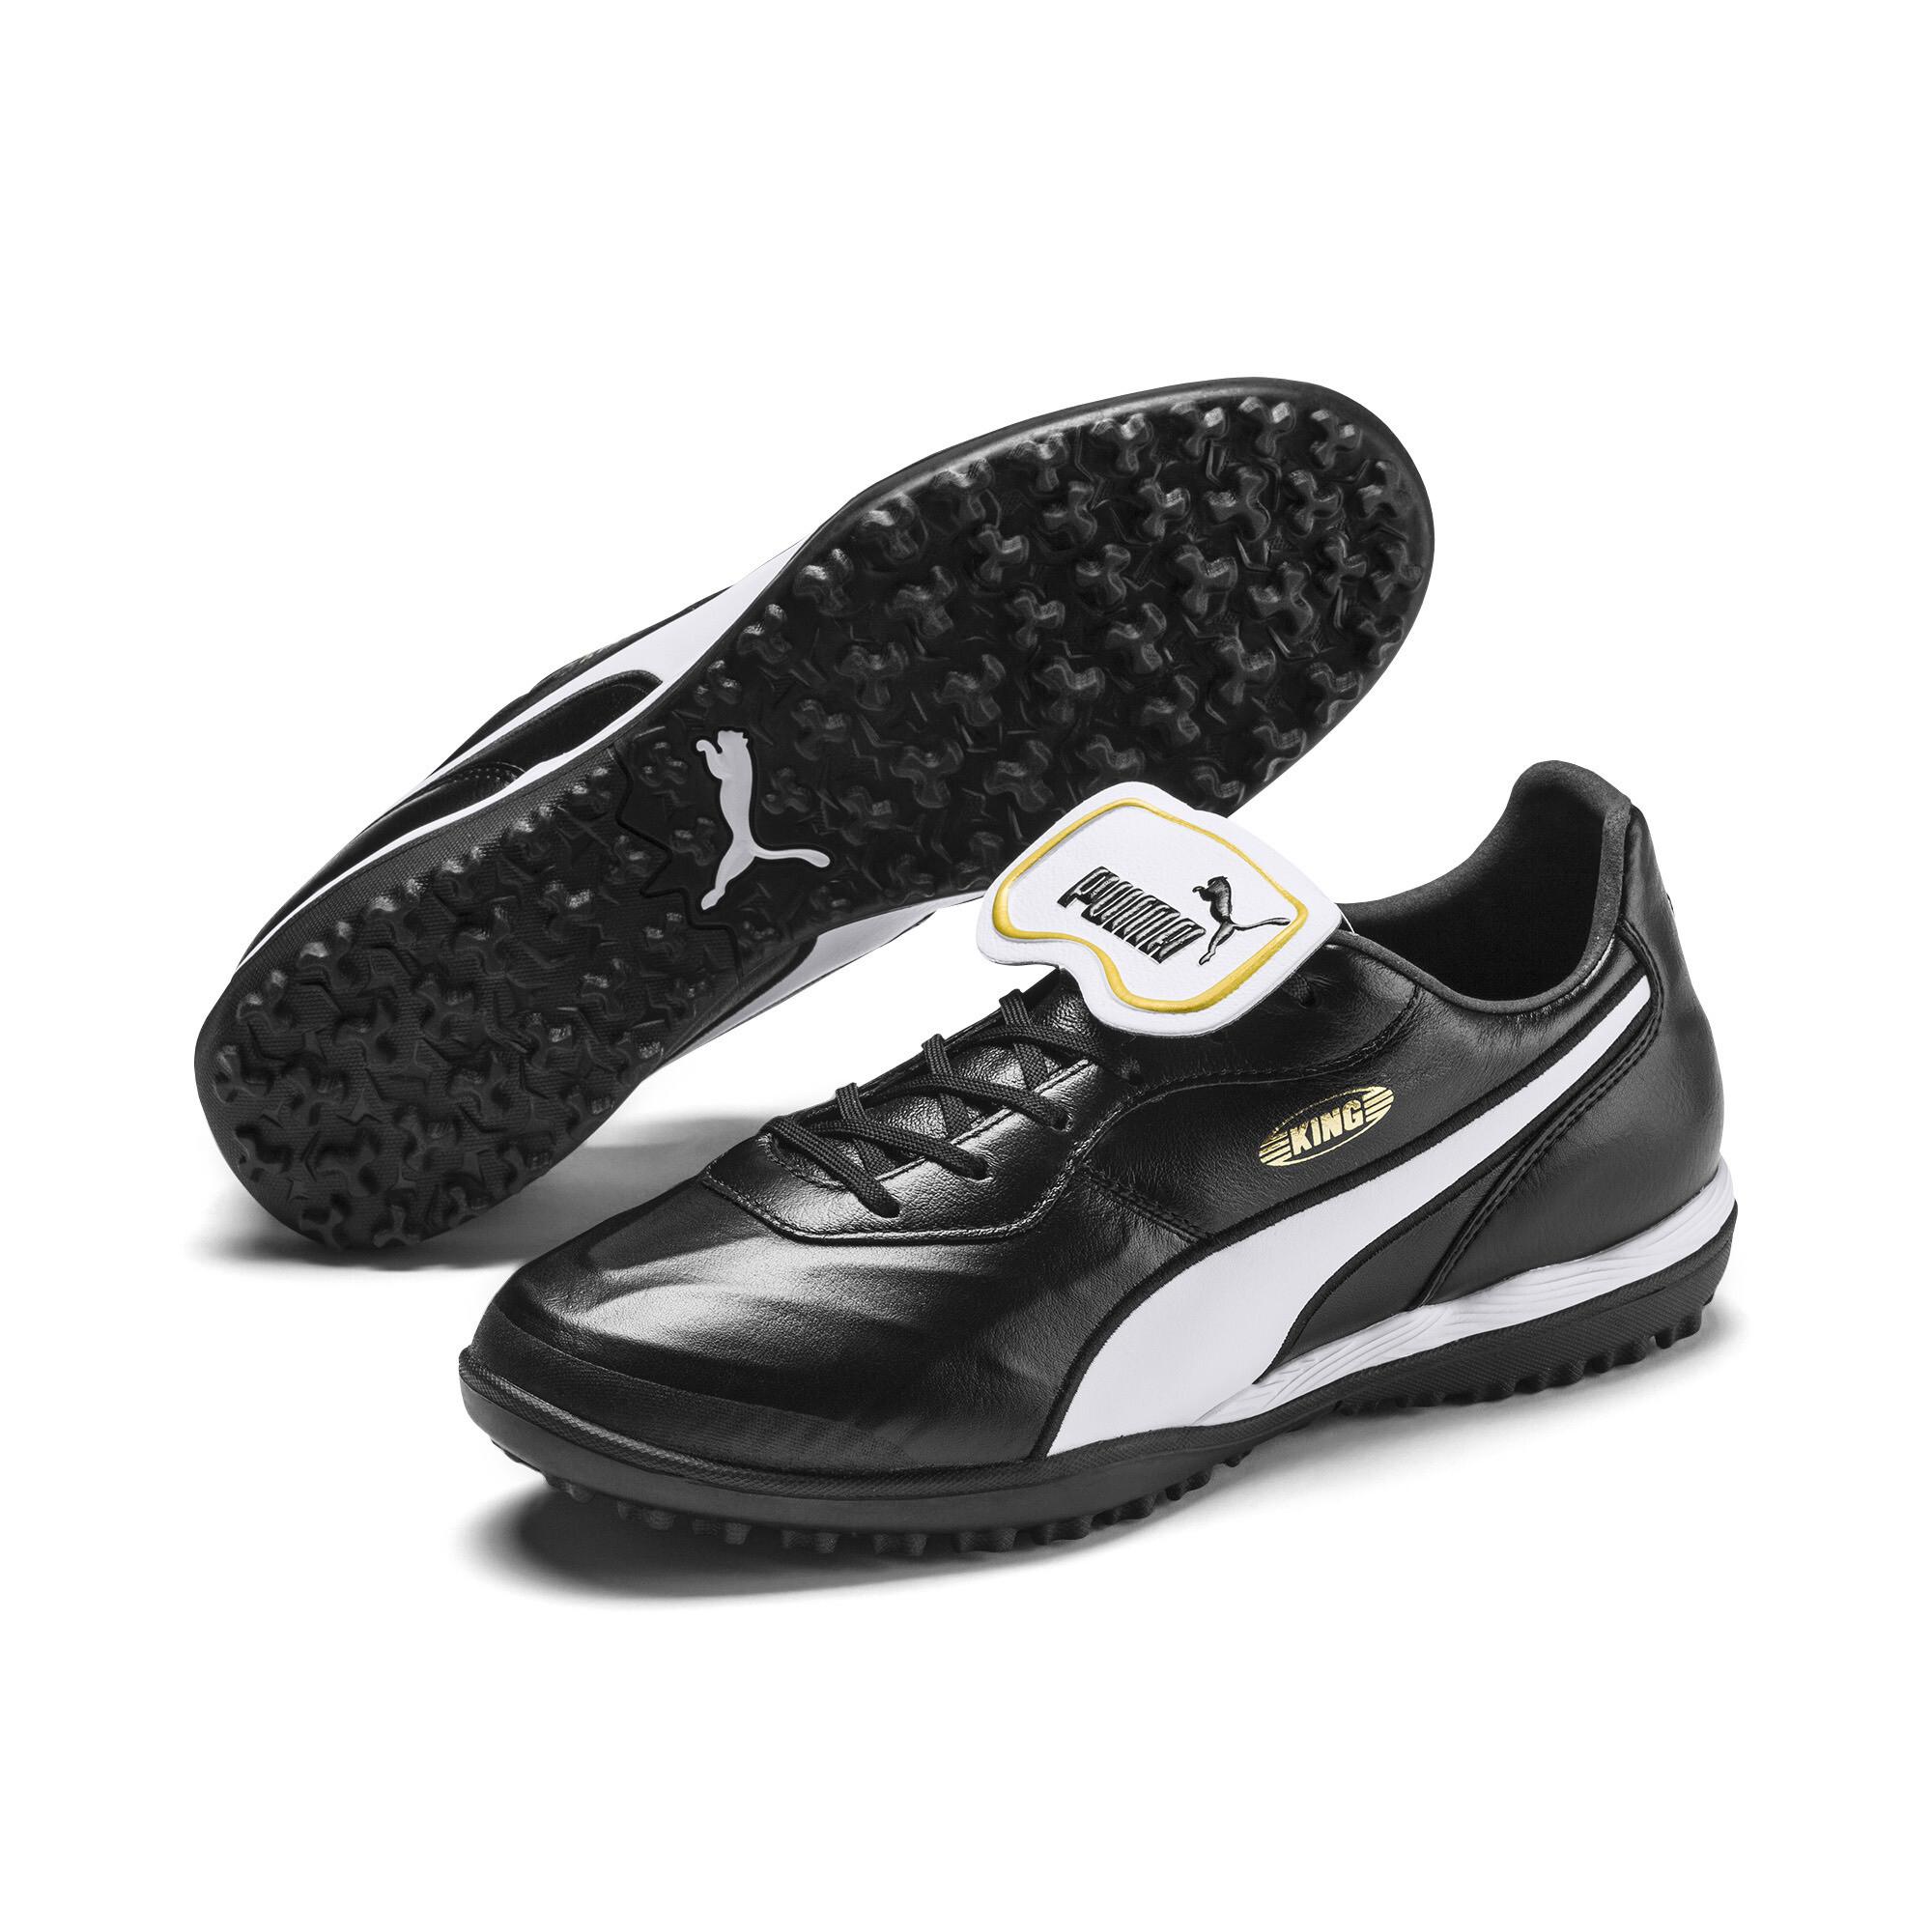 【プーマ公式通販】 プーマ キング トップ TT サッカー ターフトレーニング メンズ Puma Black-Puma White |PUMA.com